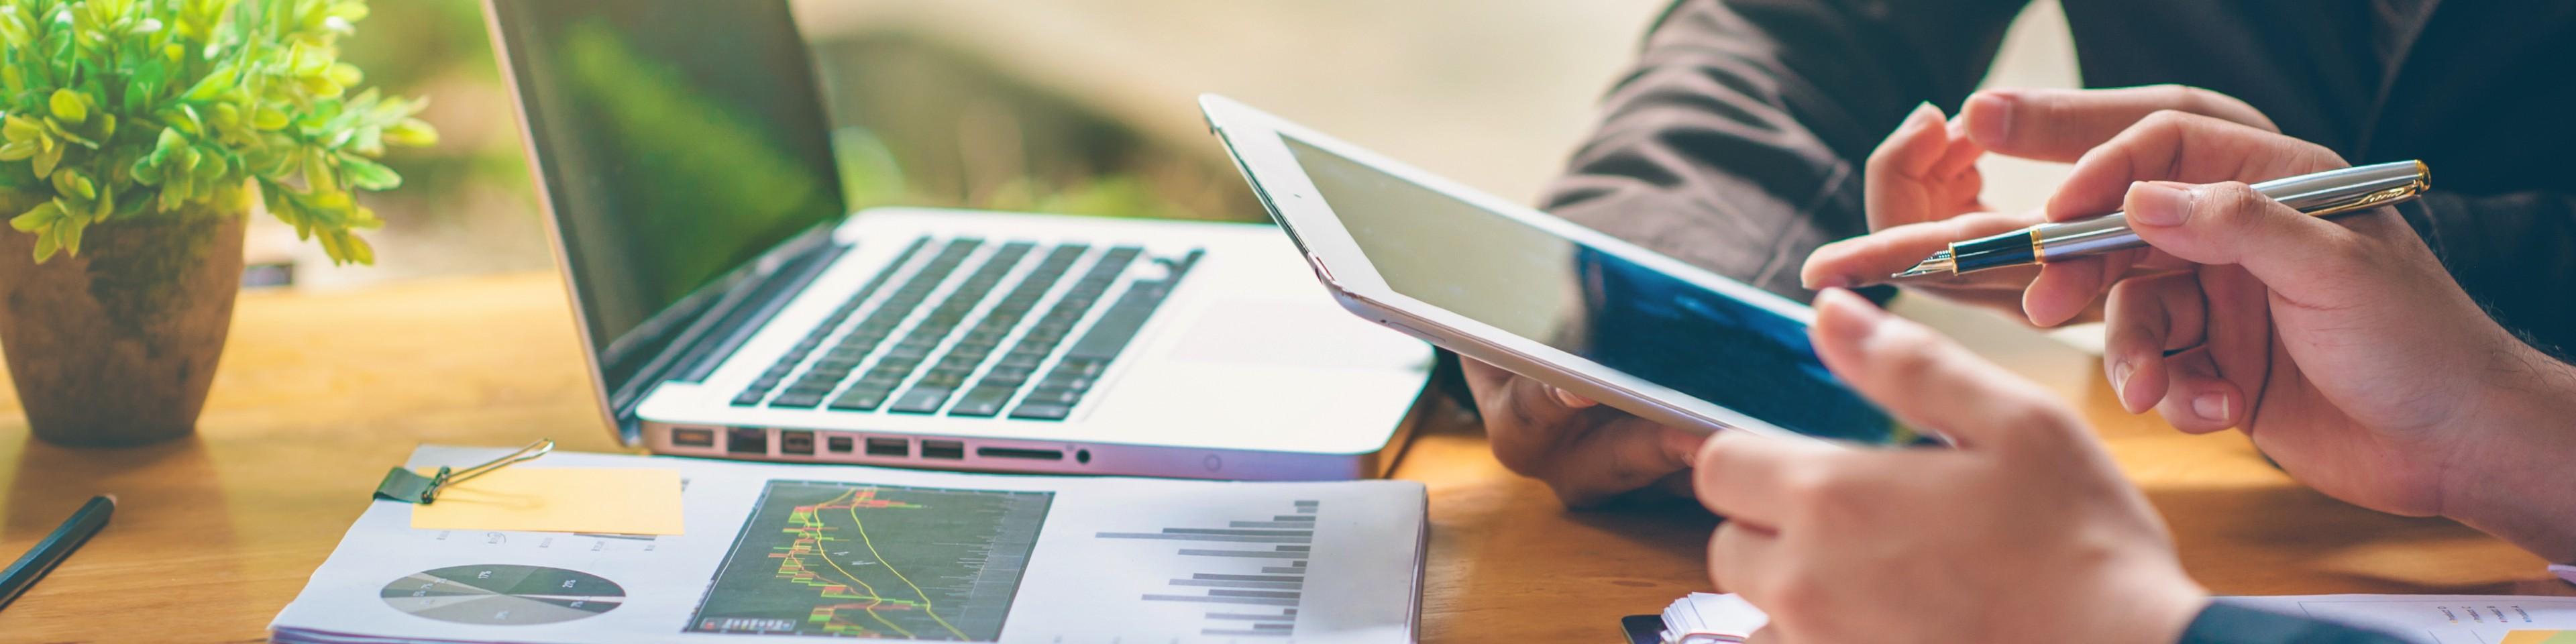 digitalizzazione-aziende